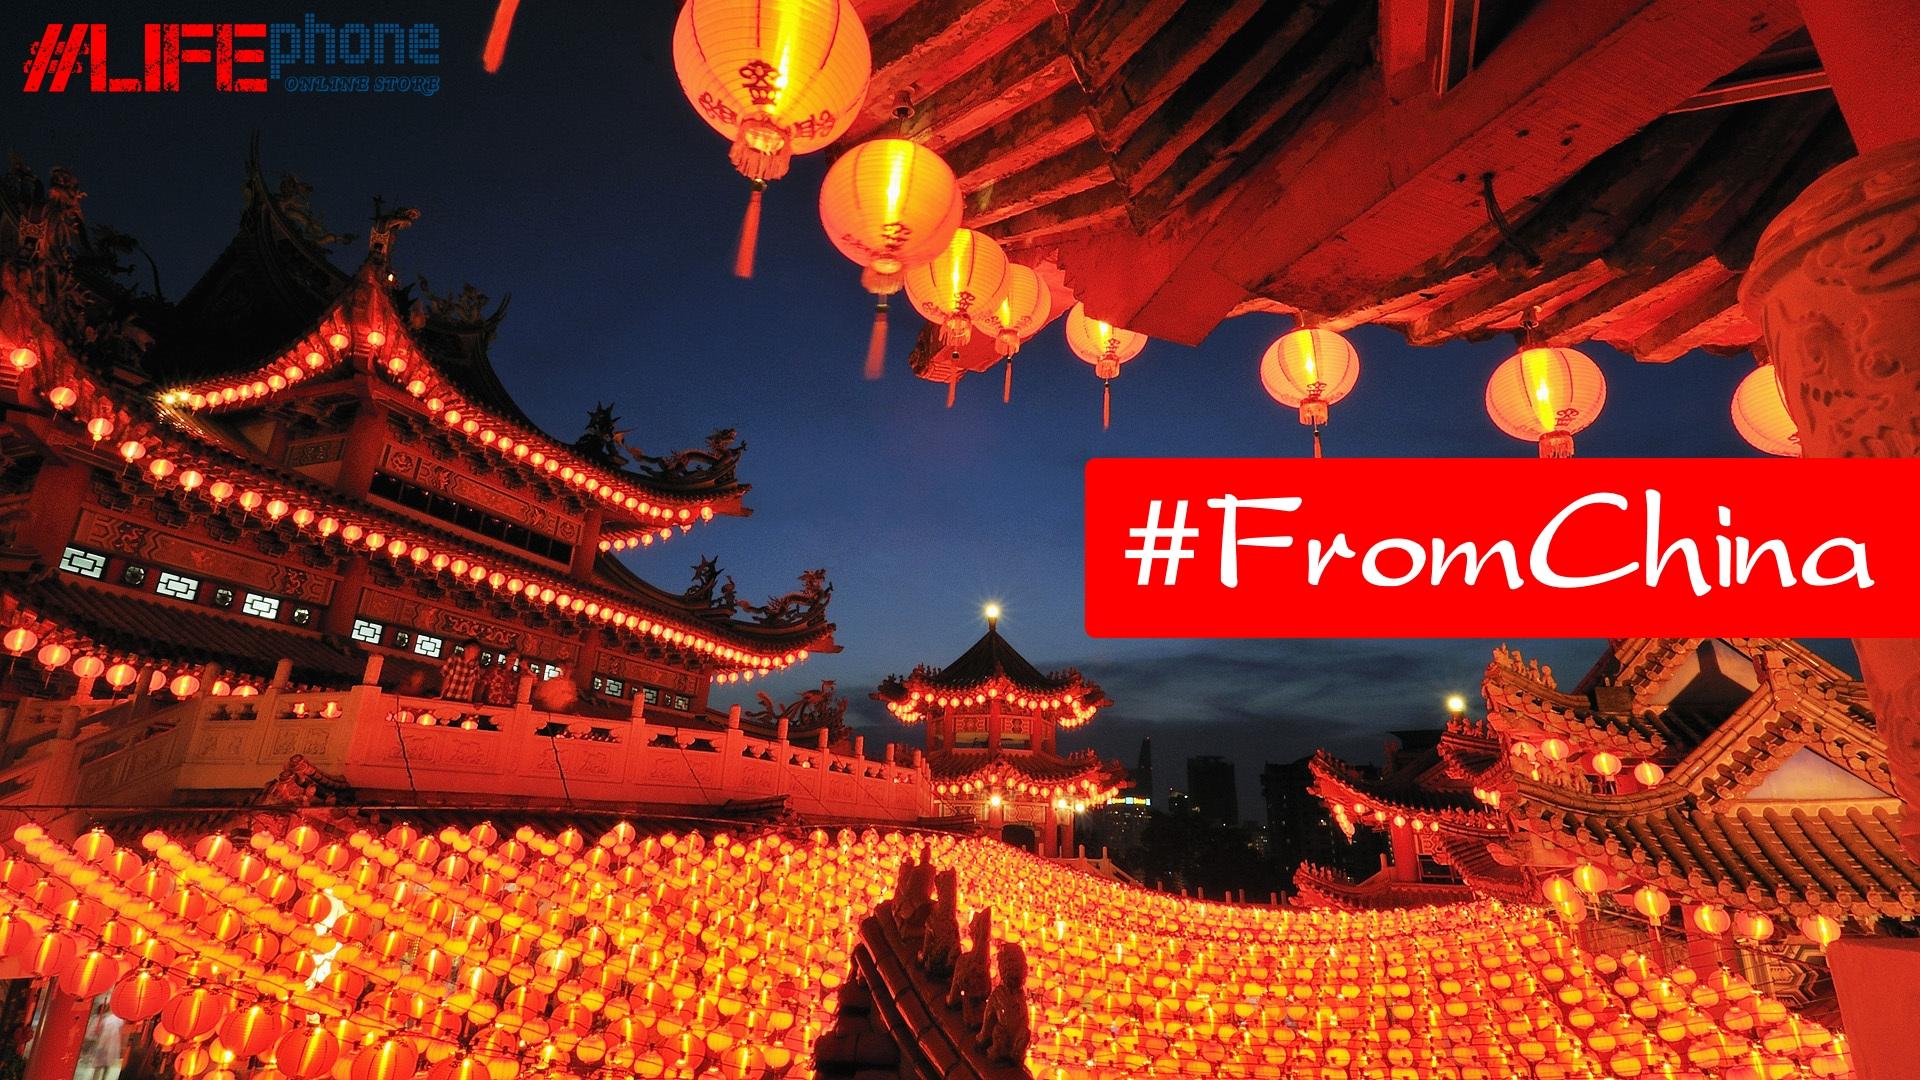 #FROMCHINA